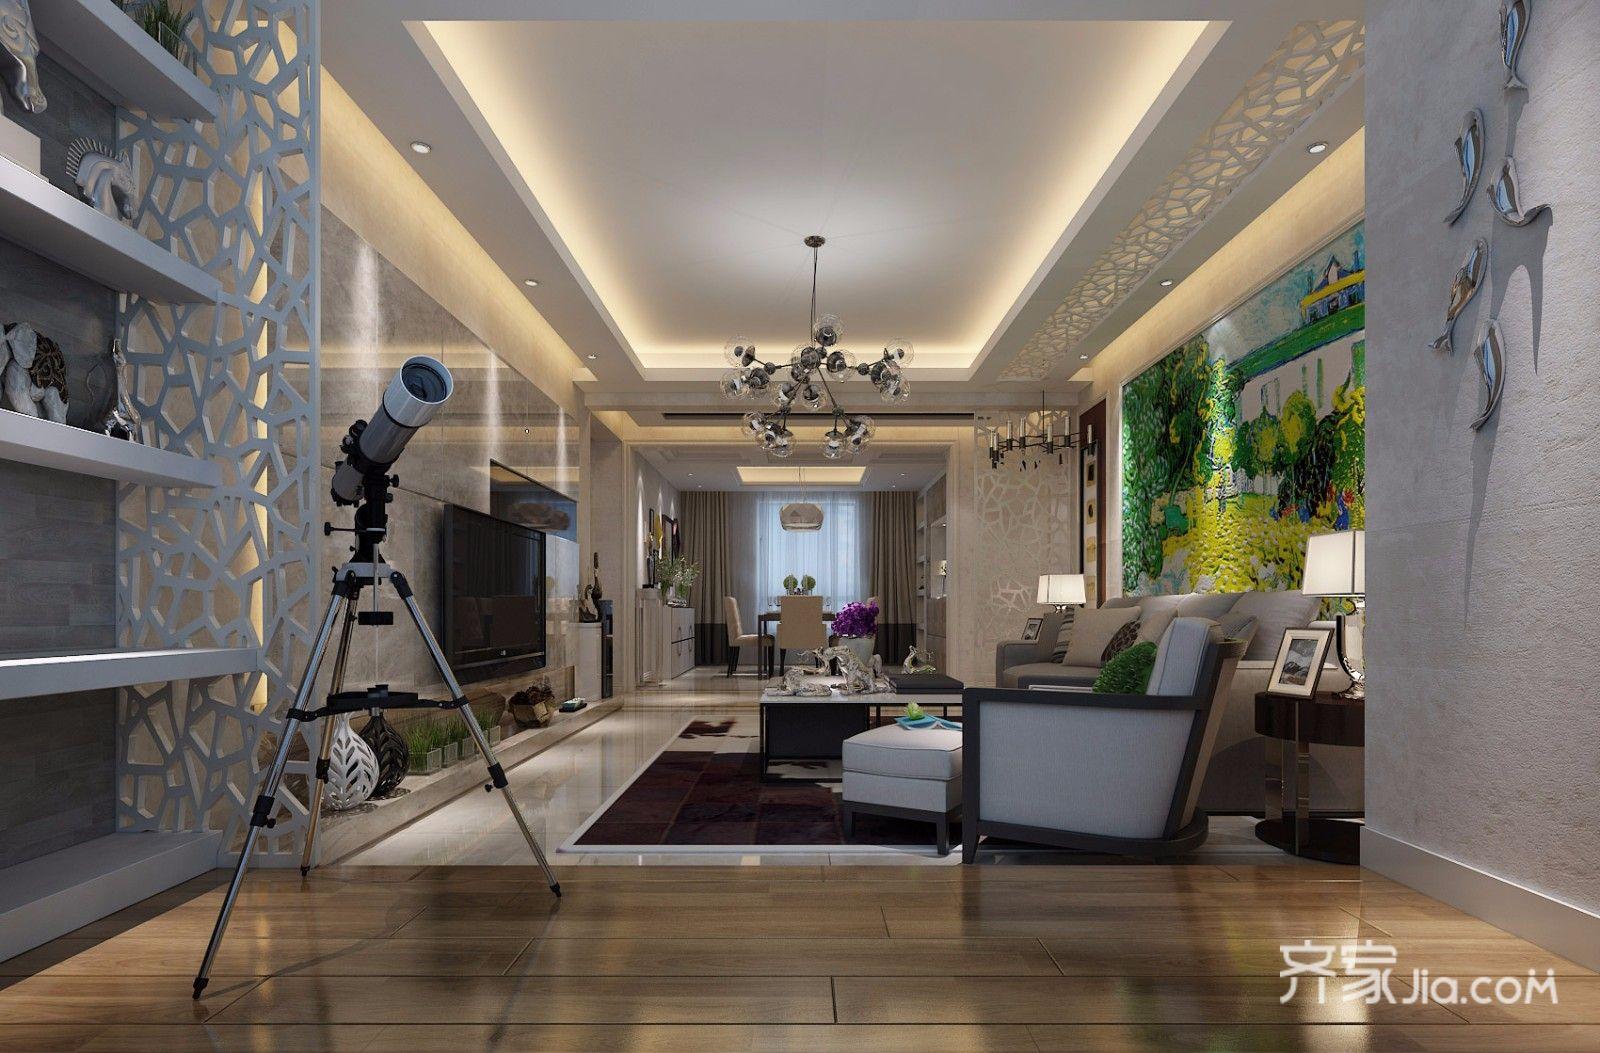 122平米现代风格客厅吊顶装修效果图